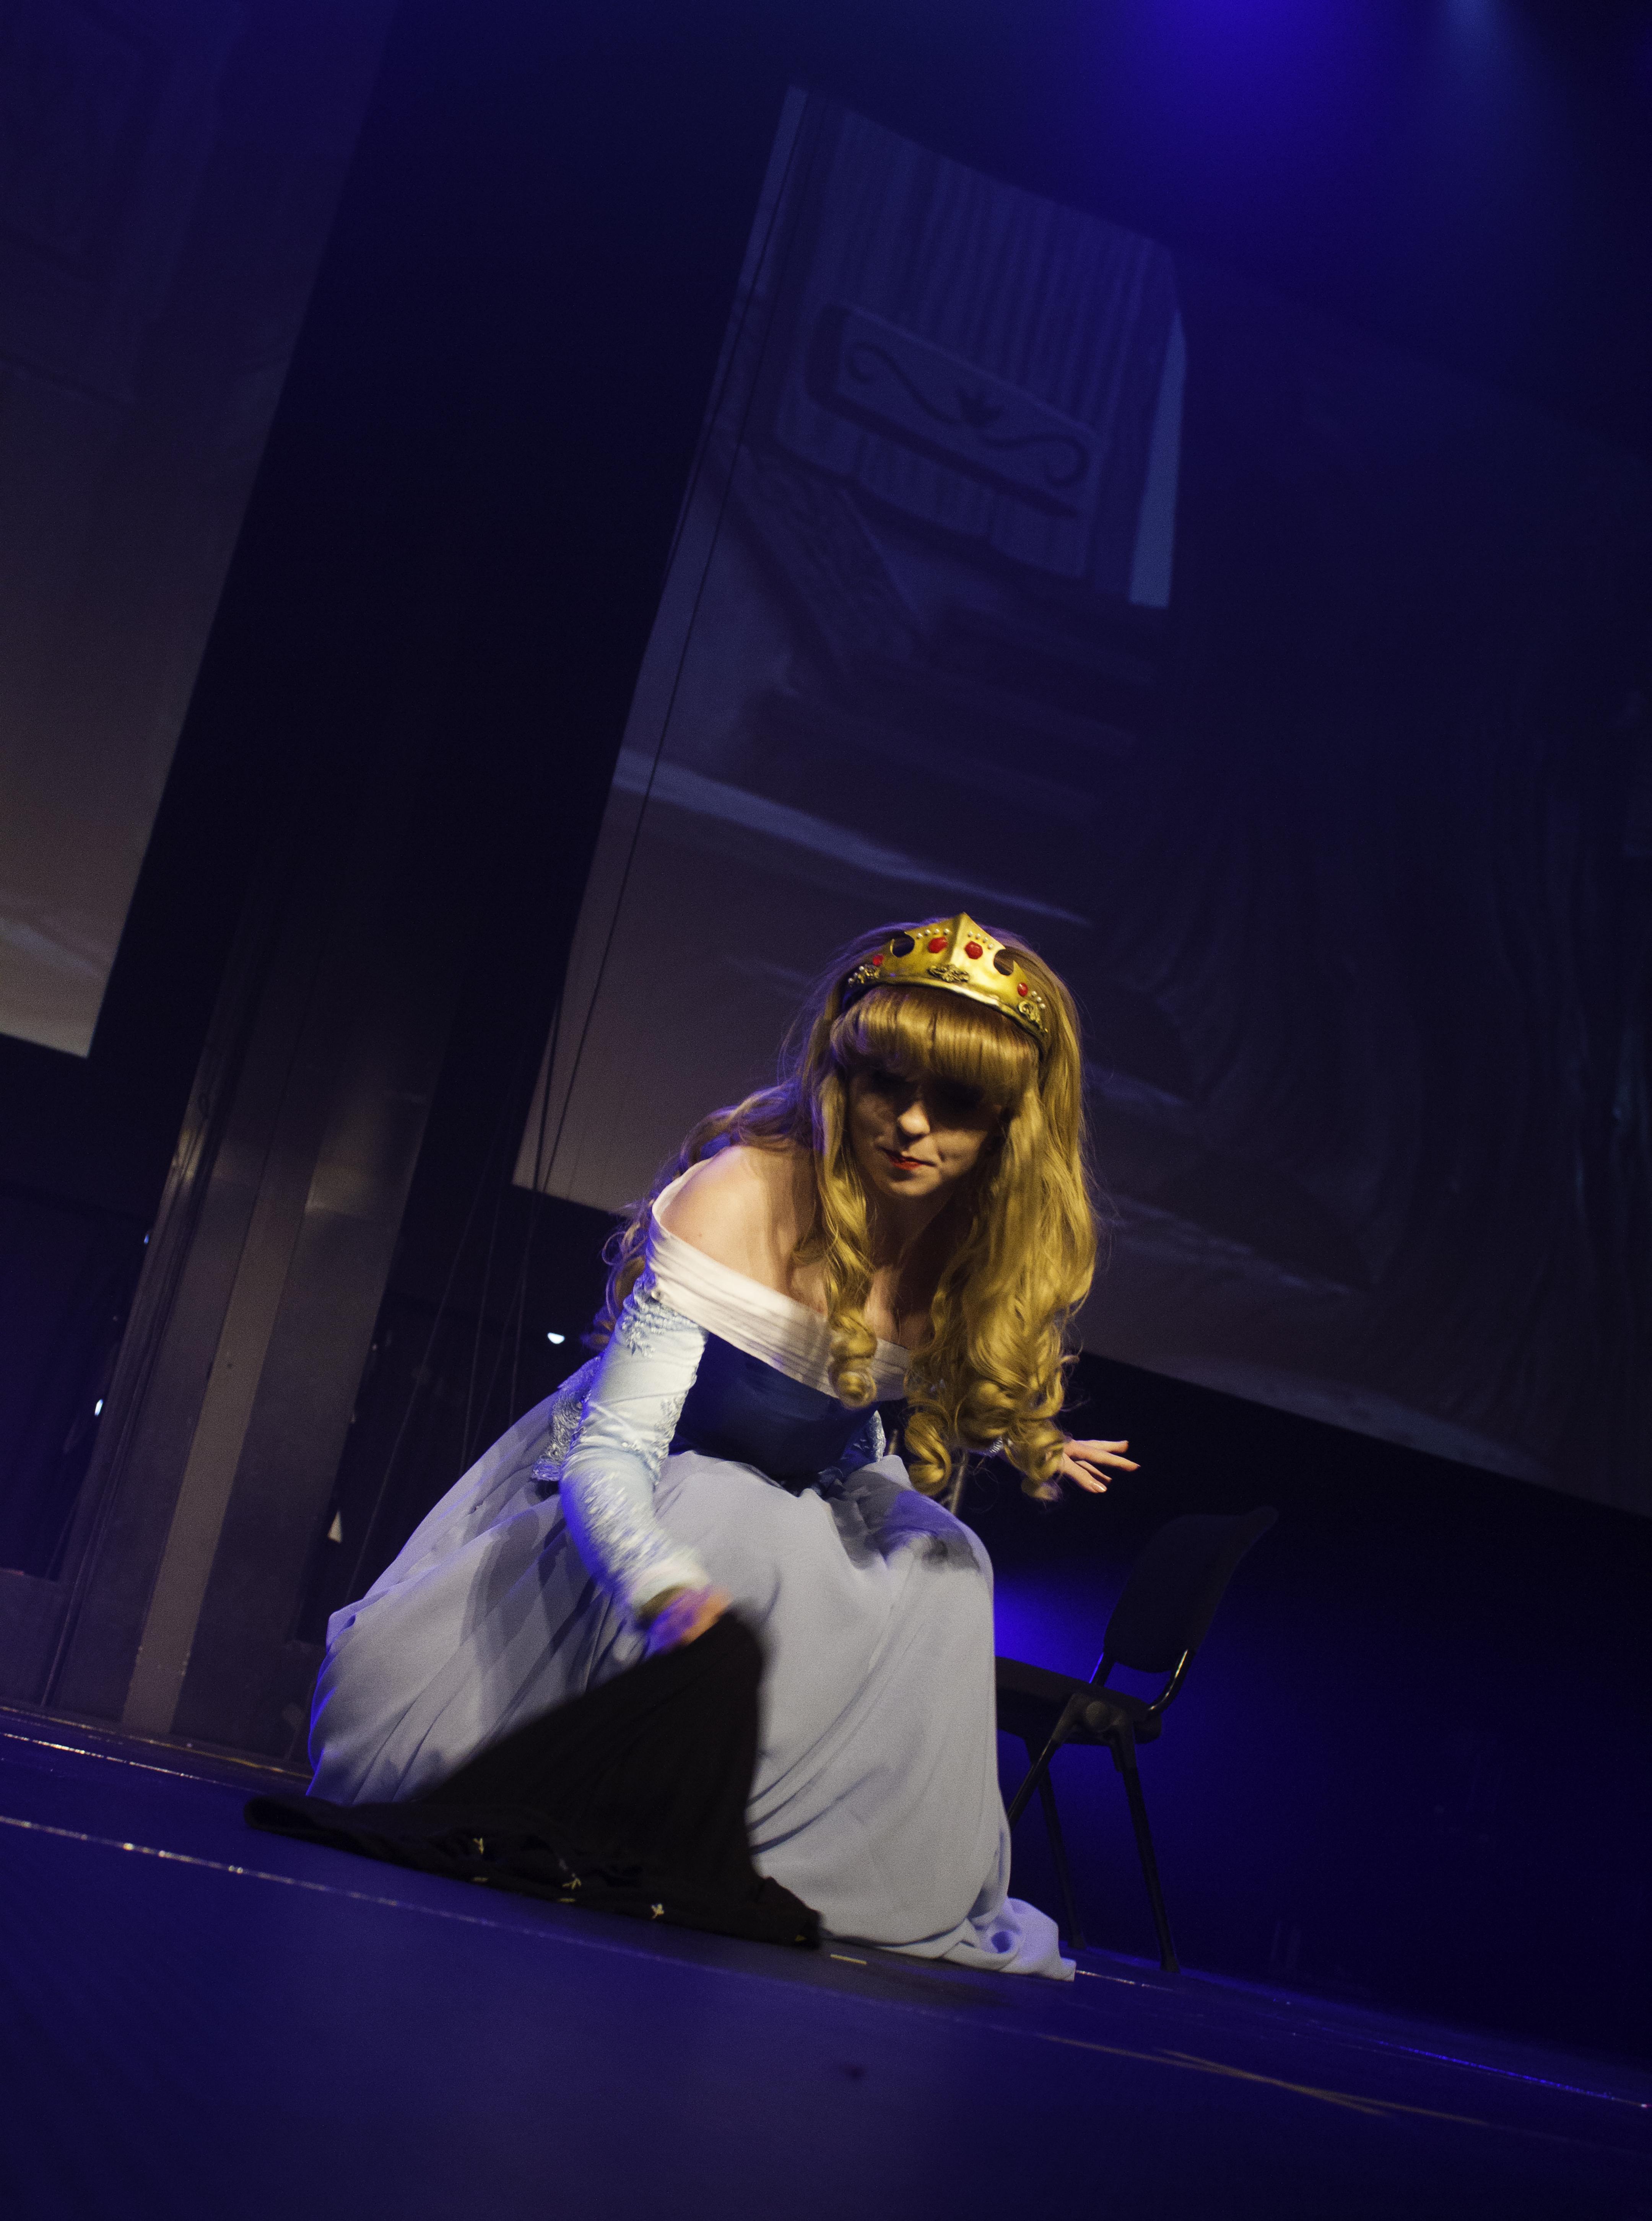 Fata Morgana Cosplay på scenen.